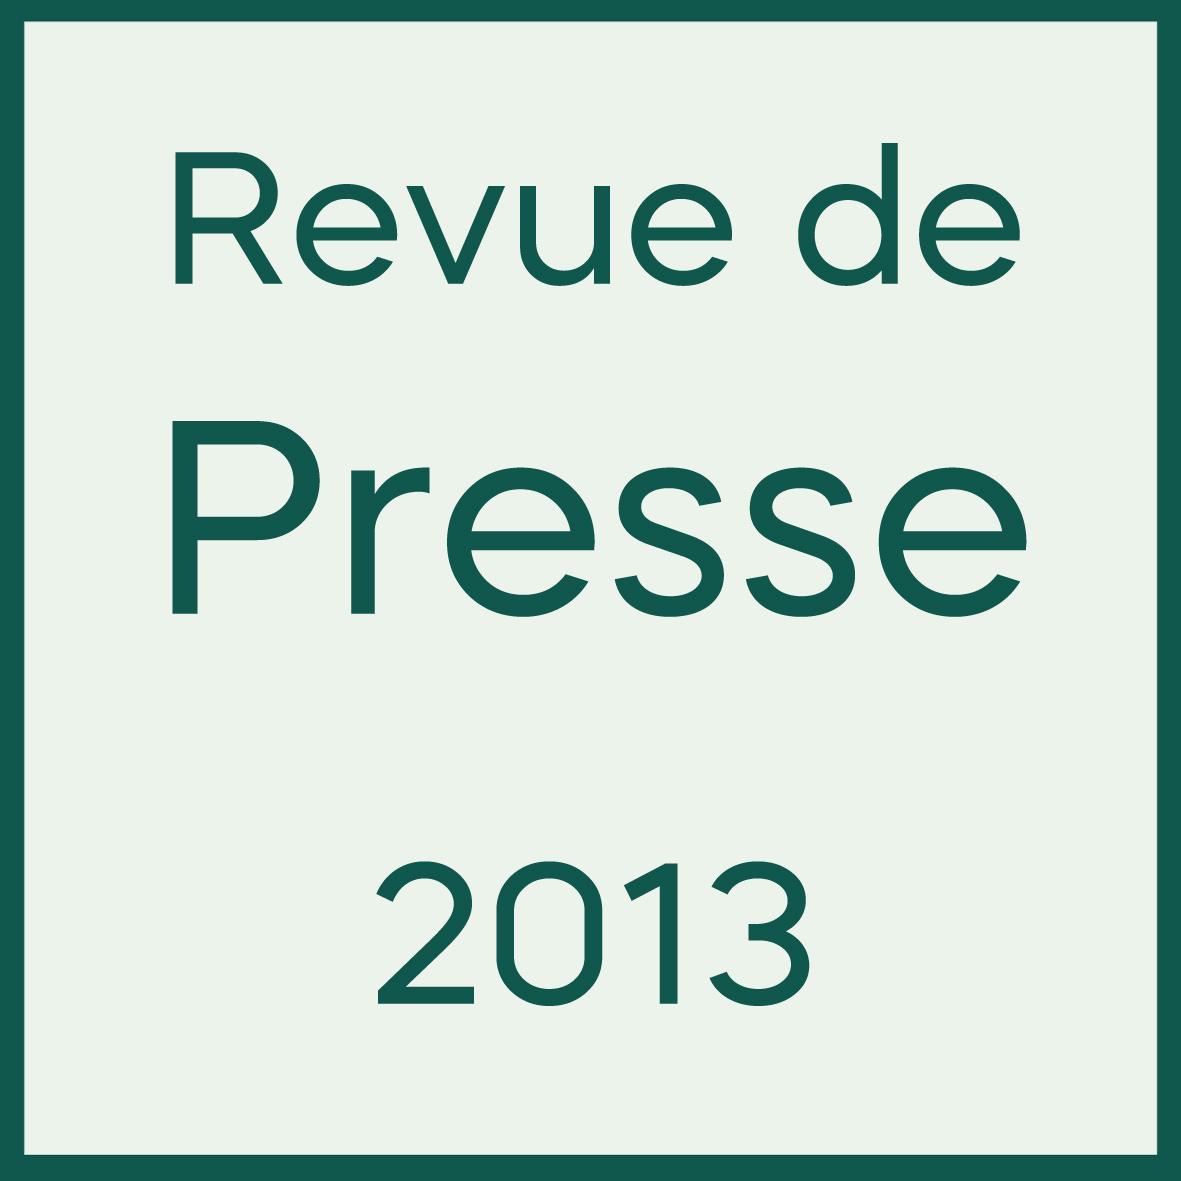 revue-de-presse-2013-1